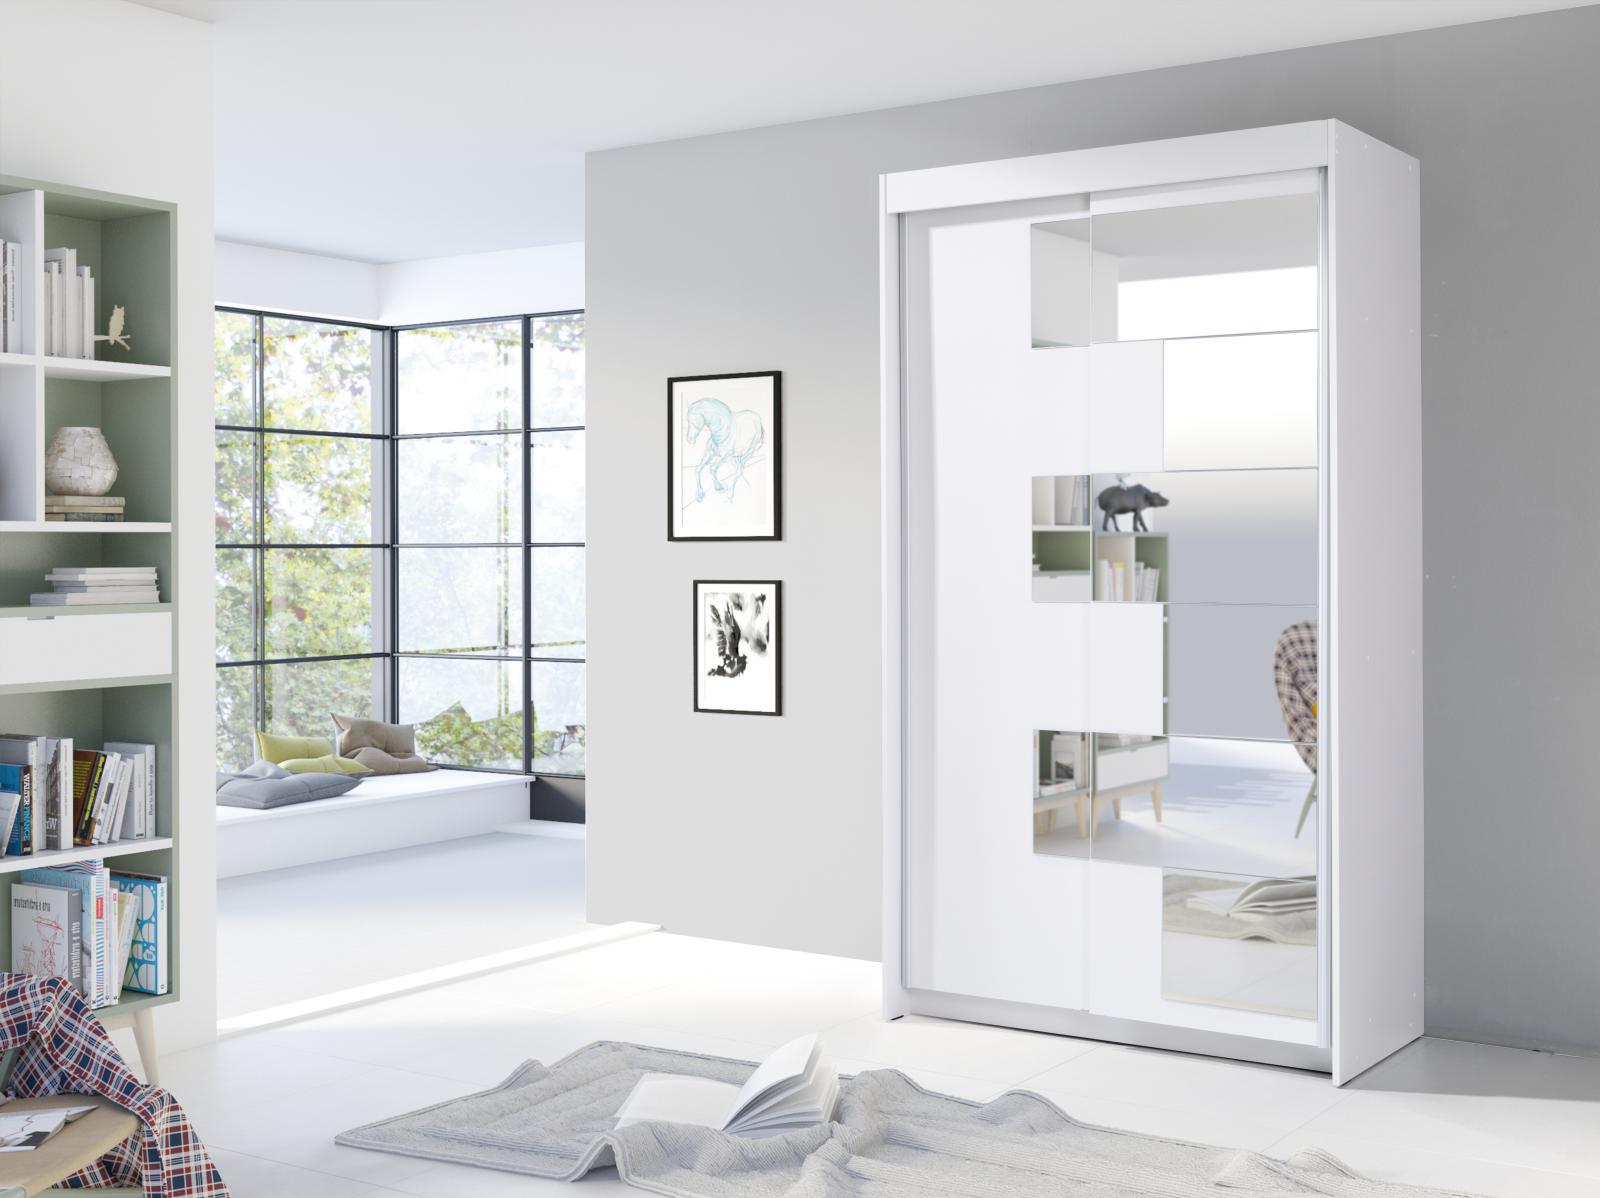 Šatní skříň Szarlota bílá